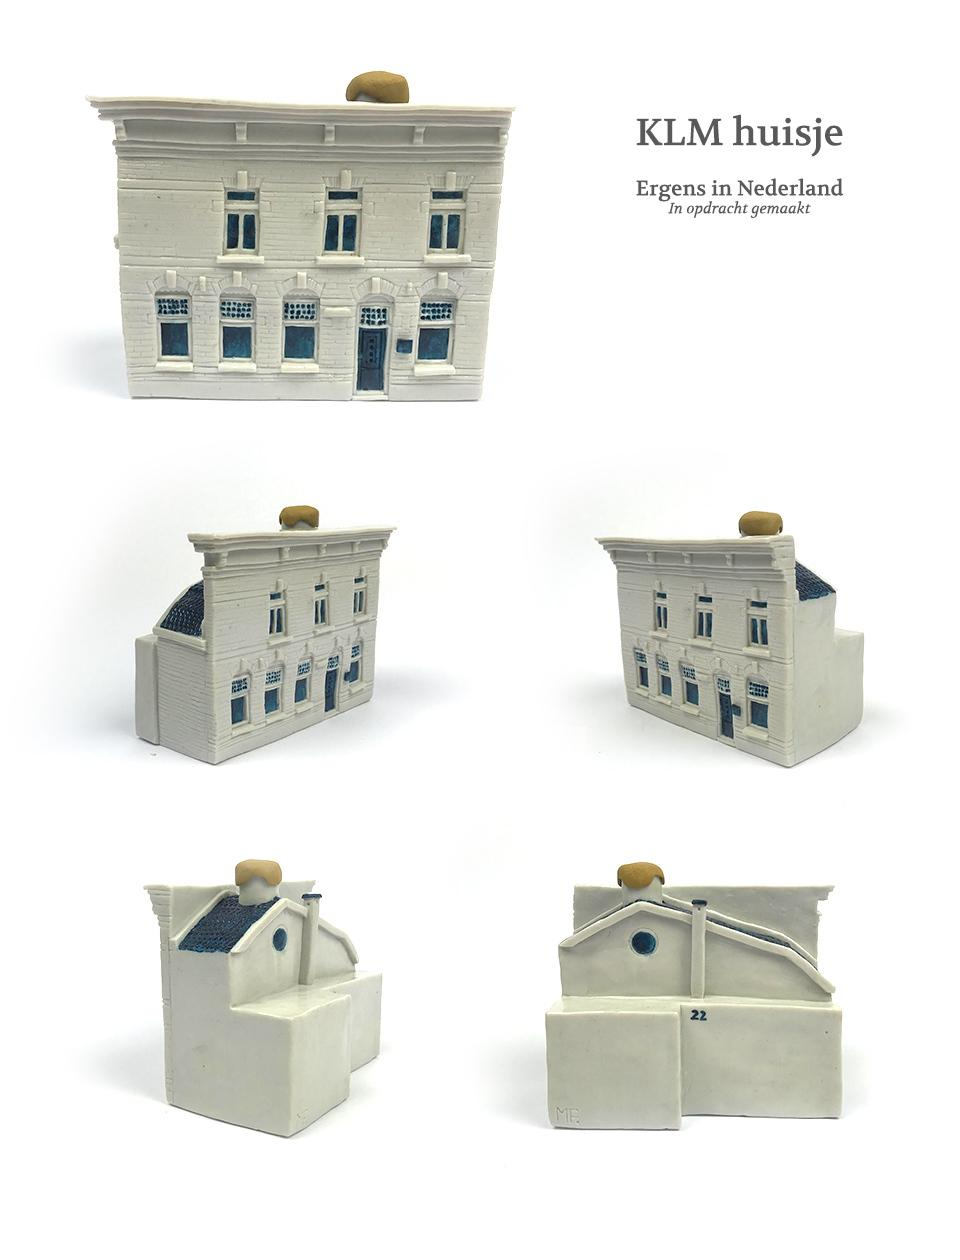 KLM huisje